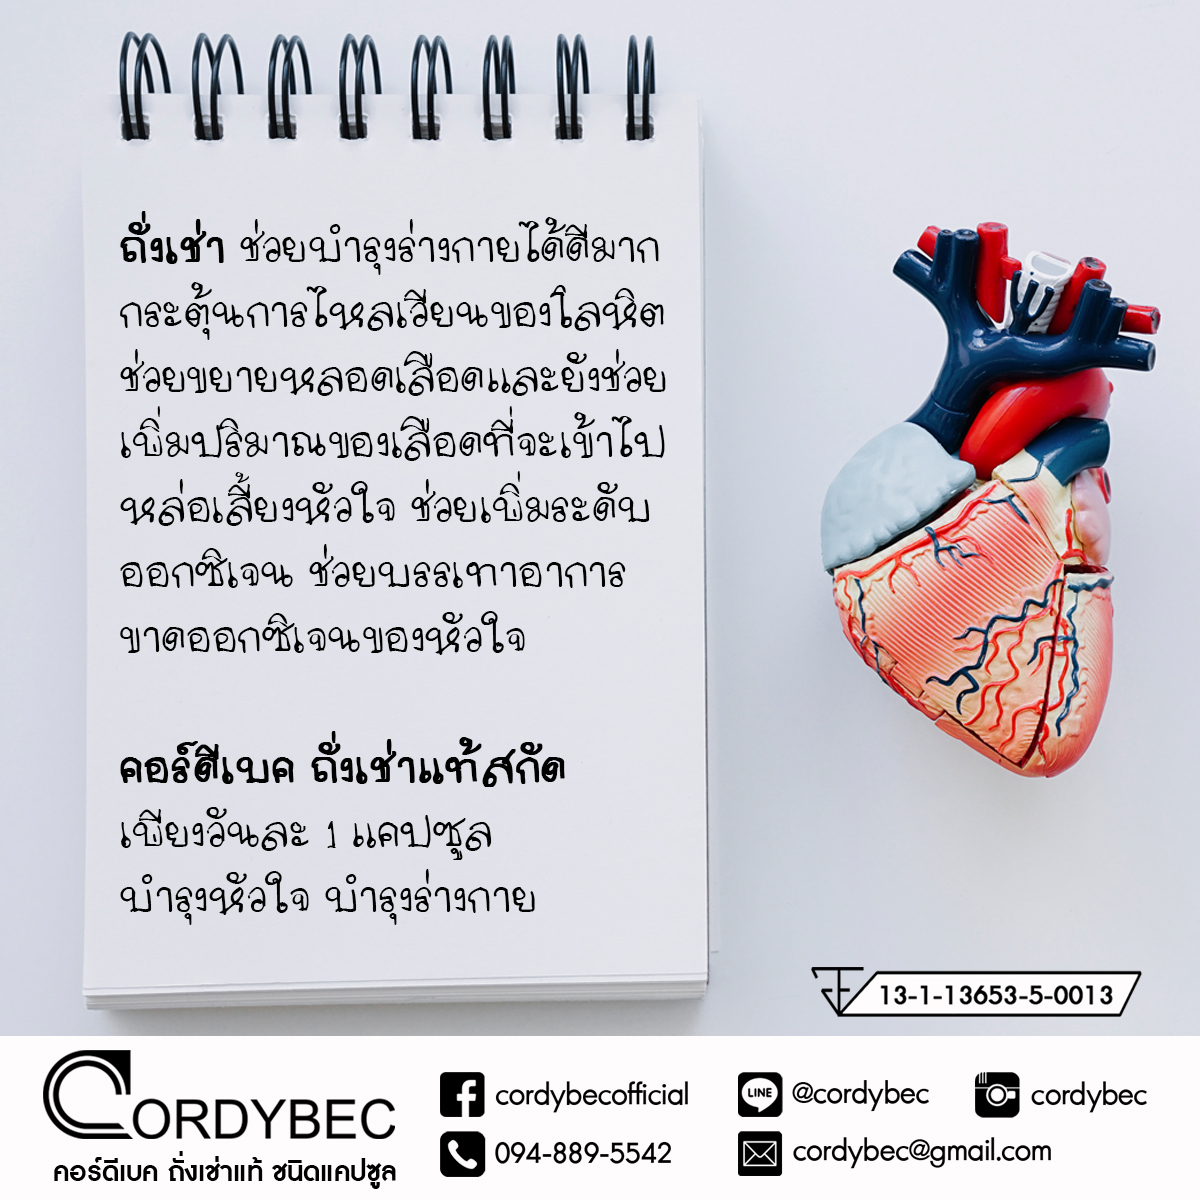 Cordybec Heart 012